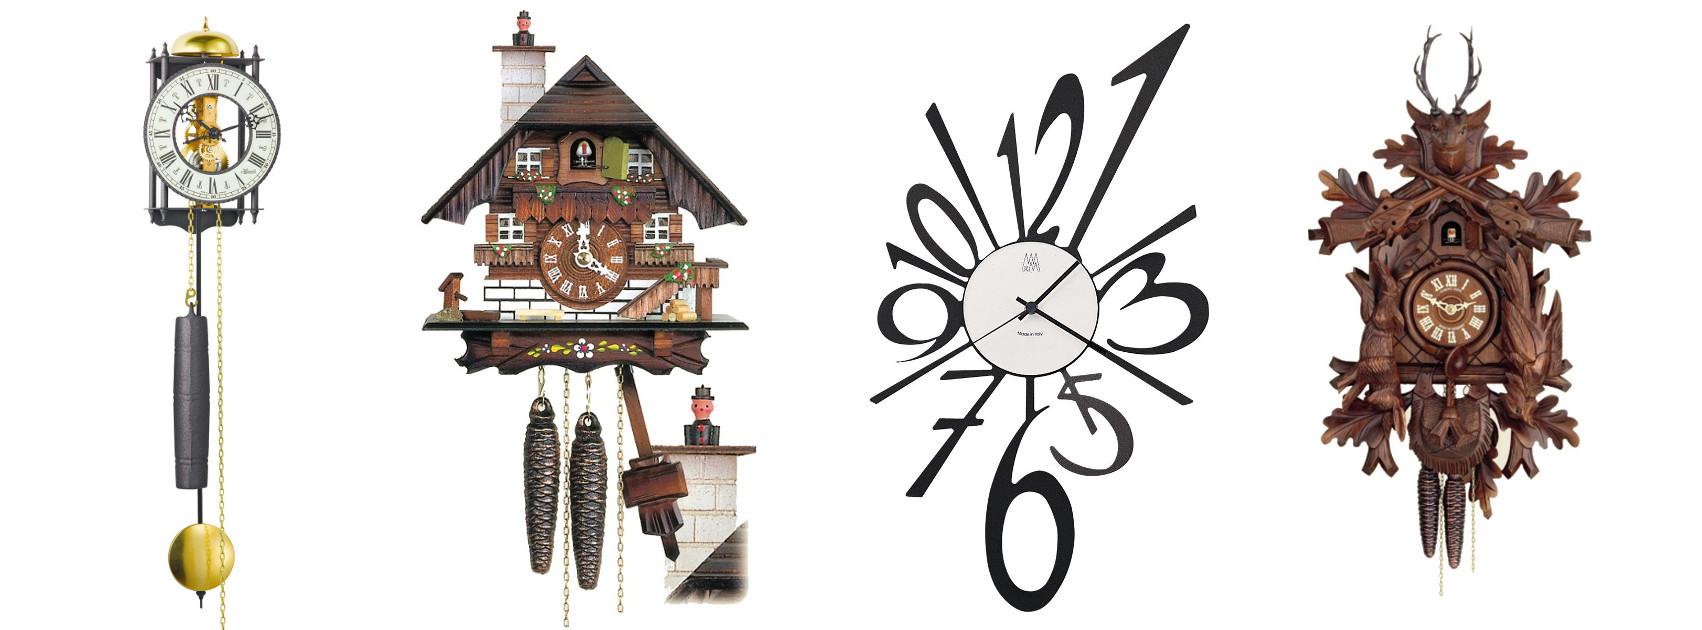 Rellotges de paret